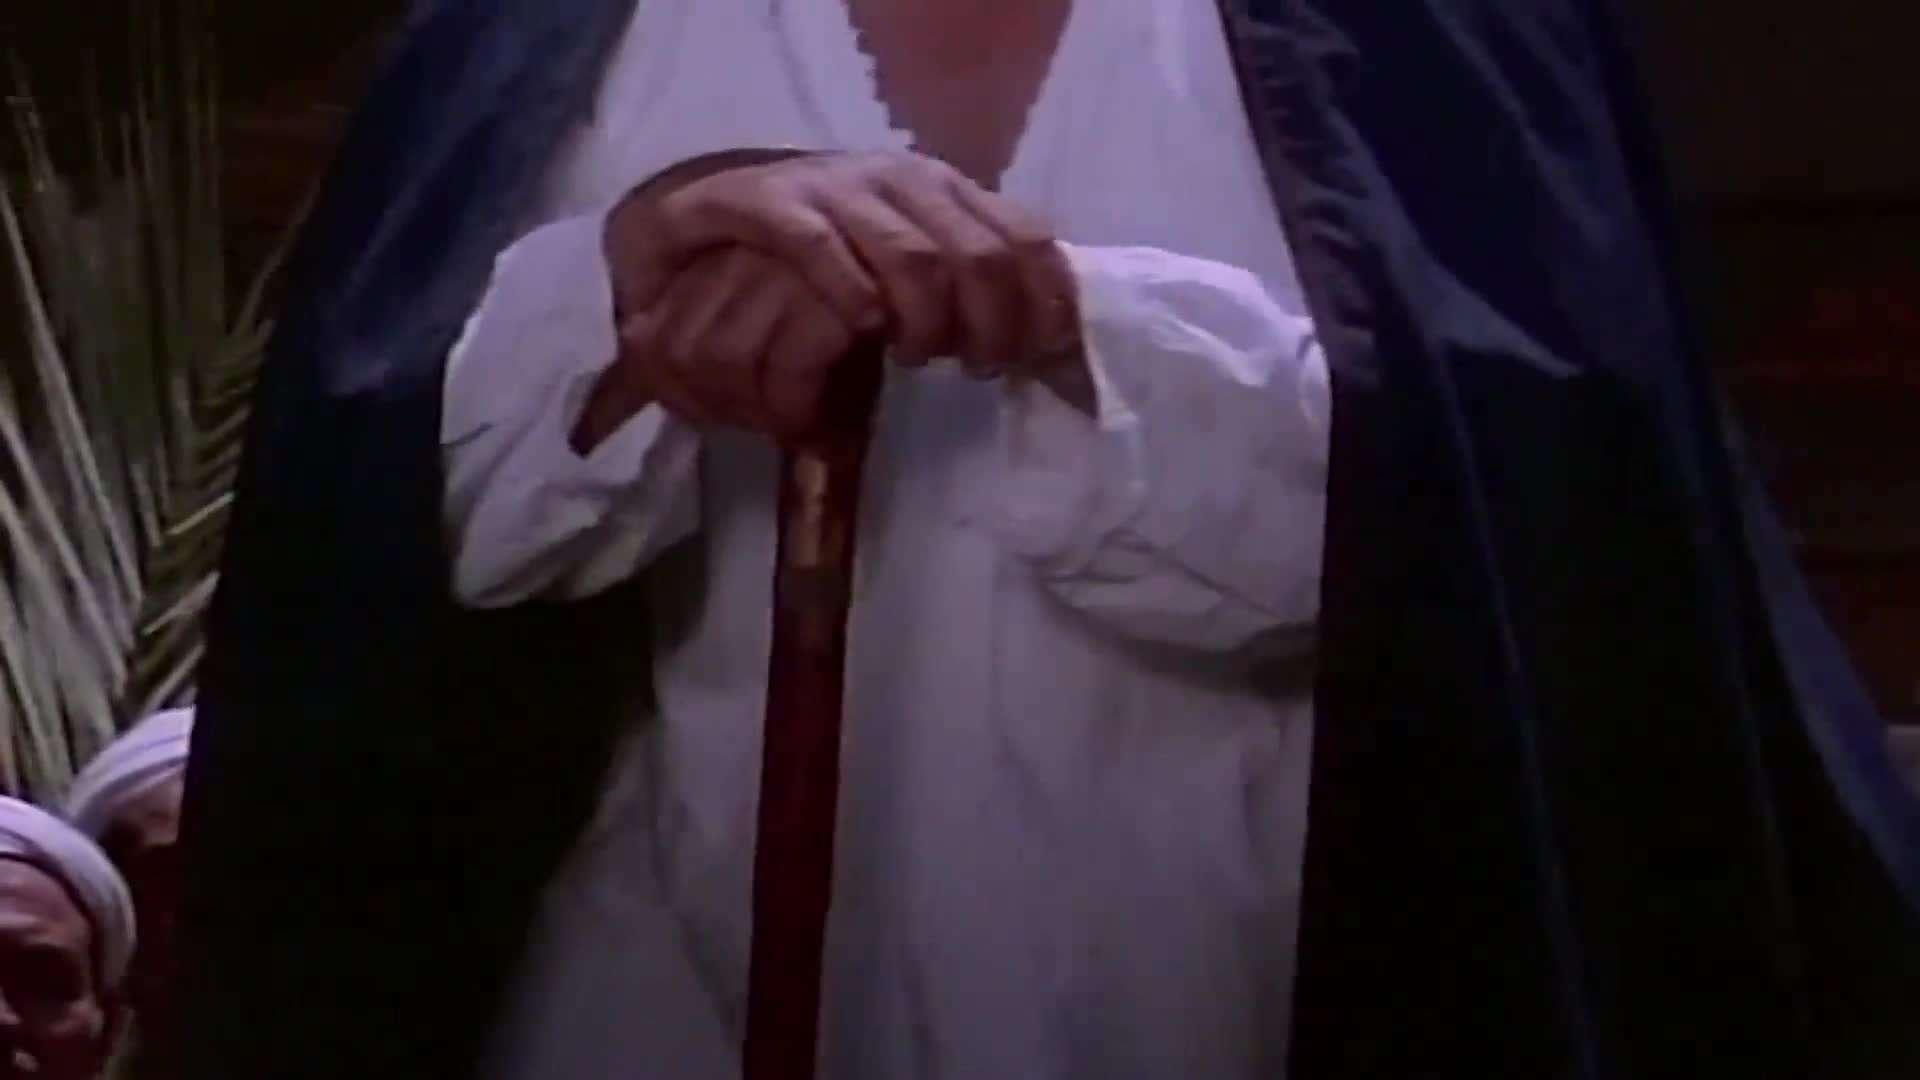 [فيلم][تورنت][تحميل][الشيطان يعظ][1981][1080p][Web-DL] 14 arabp2p.com